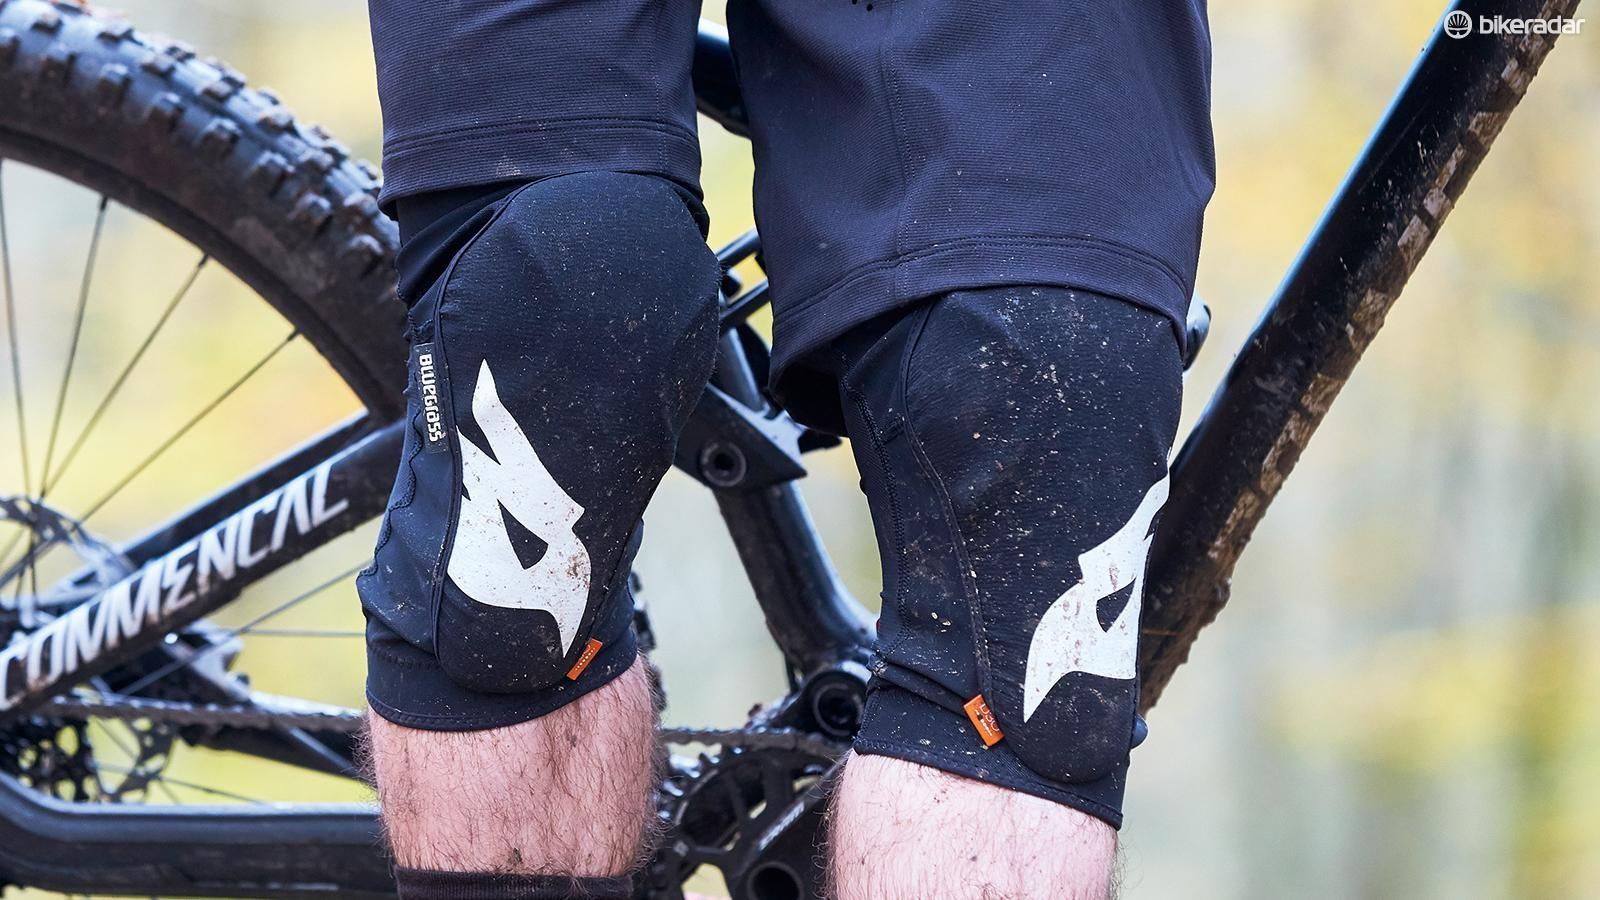 Bluegrass Skinny D3O knee pads